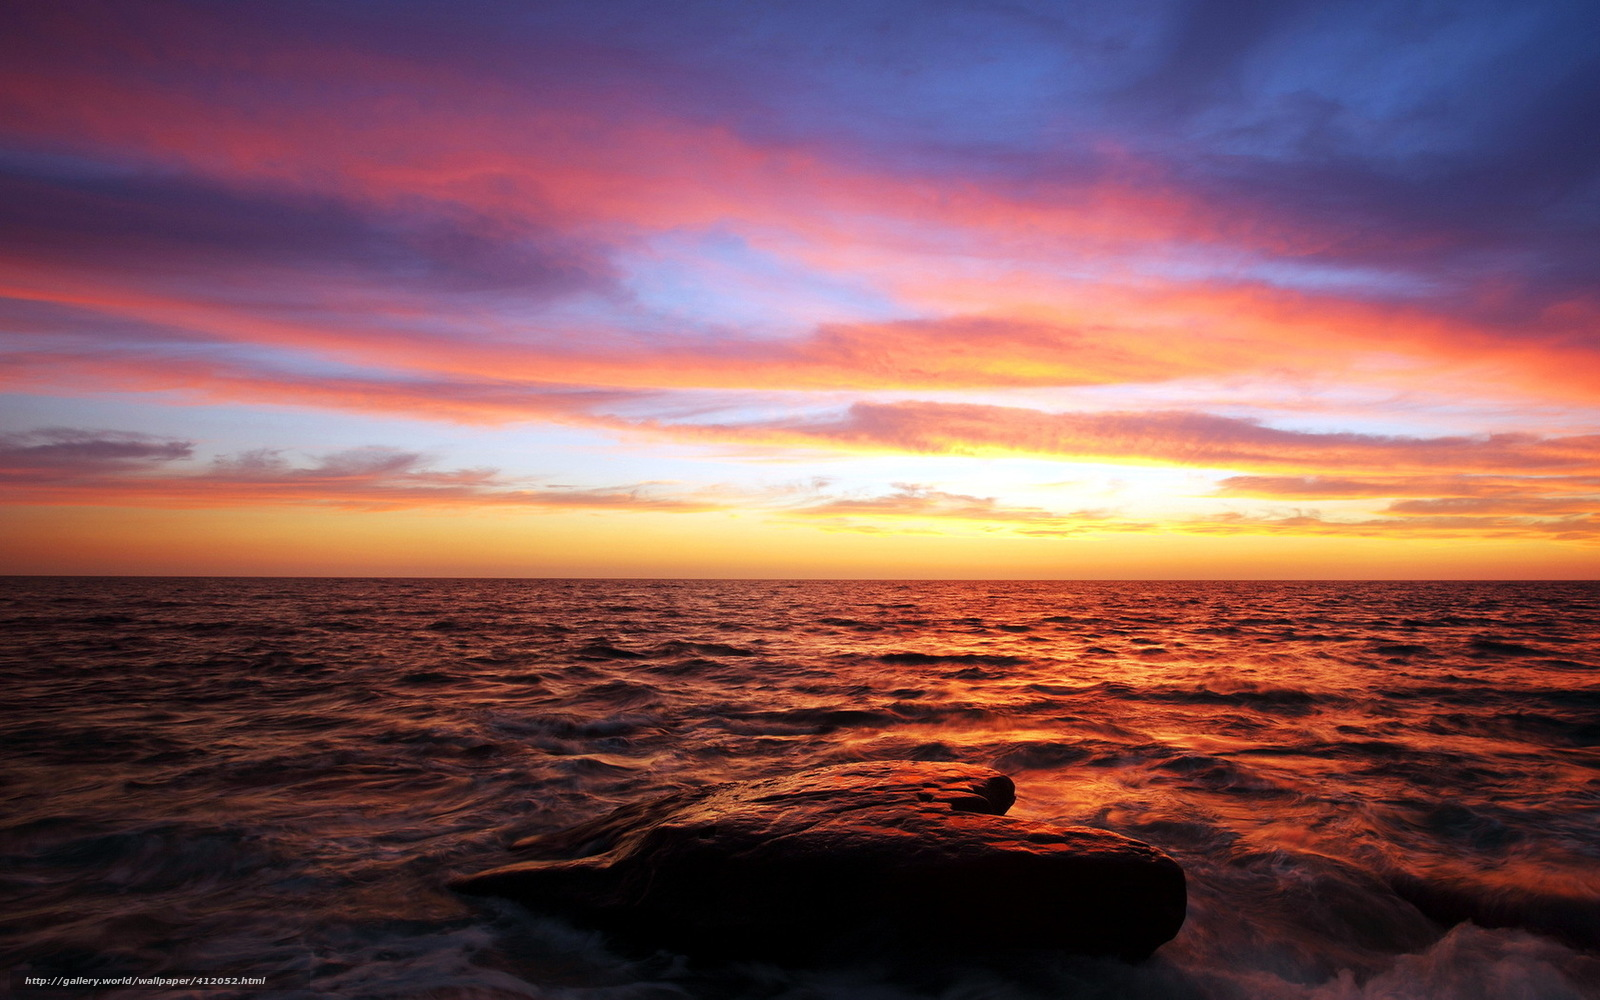 Scaricare gli sfondi mare tramonto cielo paesaggio for Sfondi desktop tramonti mare